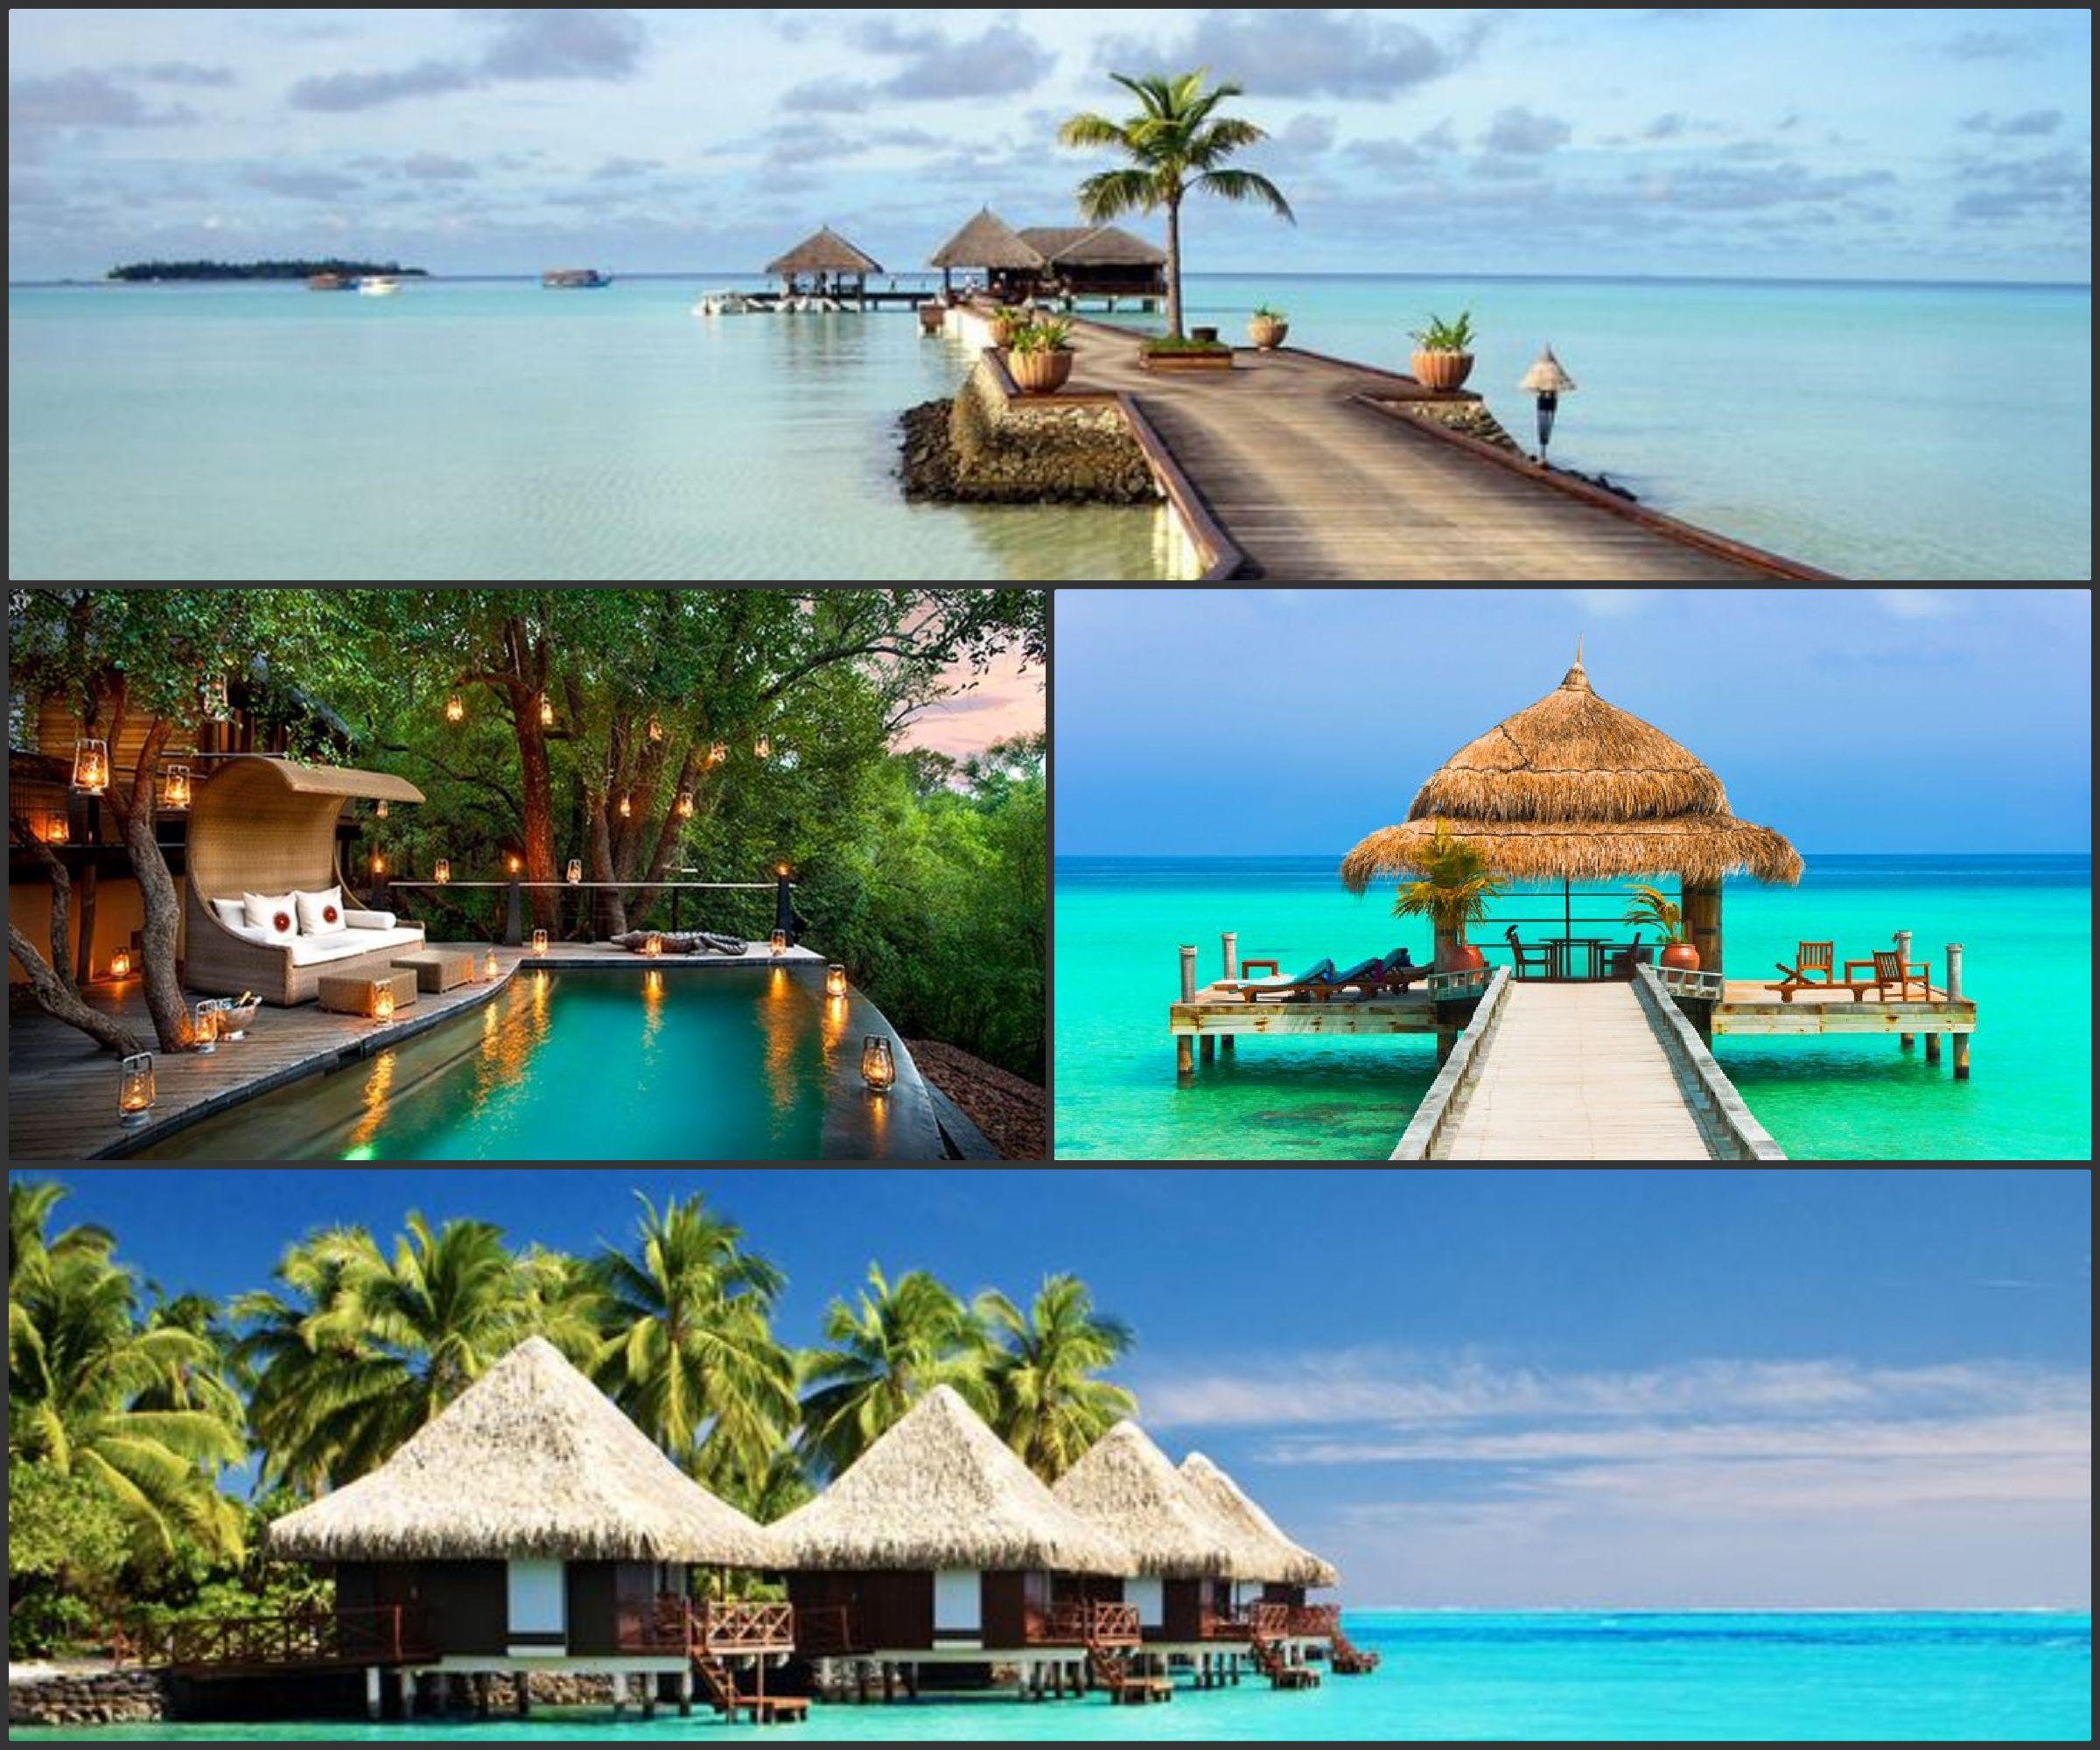 Top 9 allinclusive honeymoon destinations under 2000